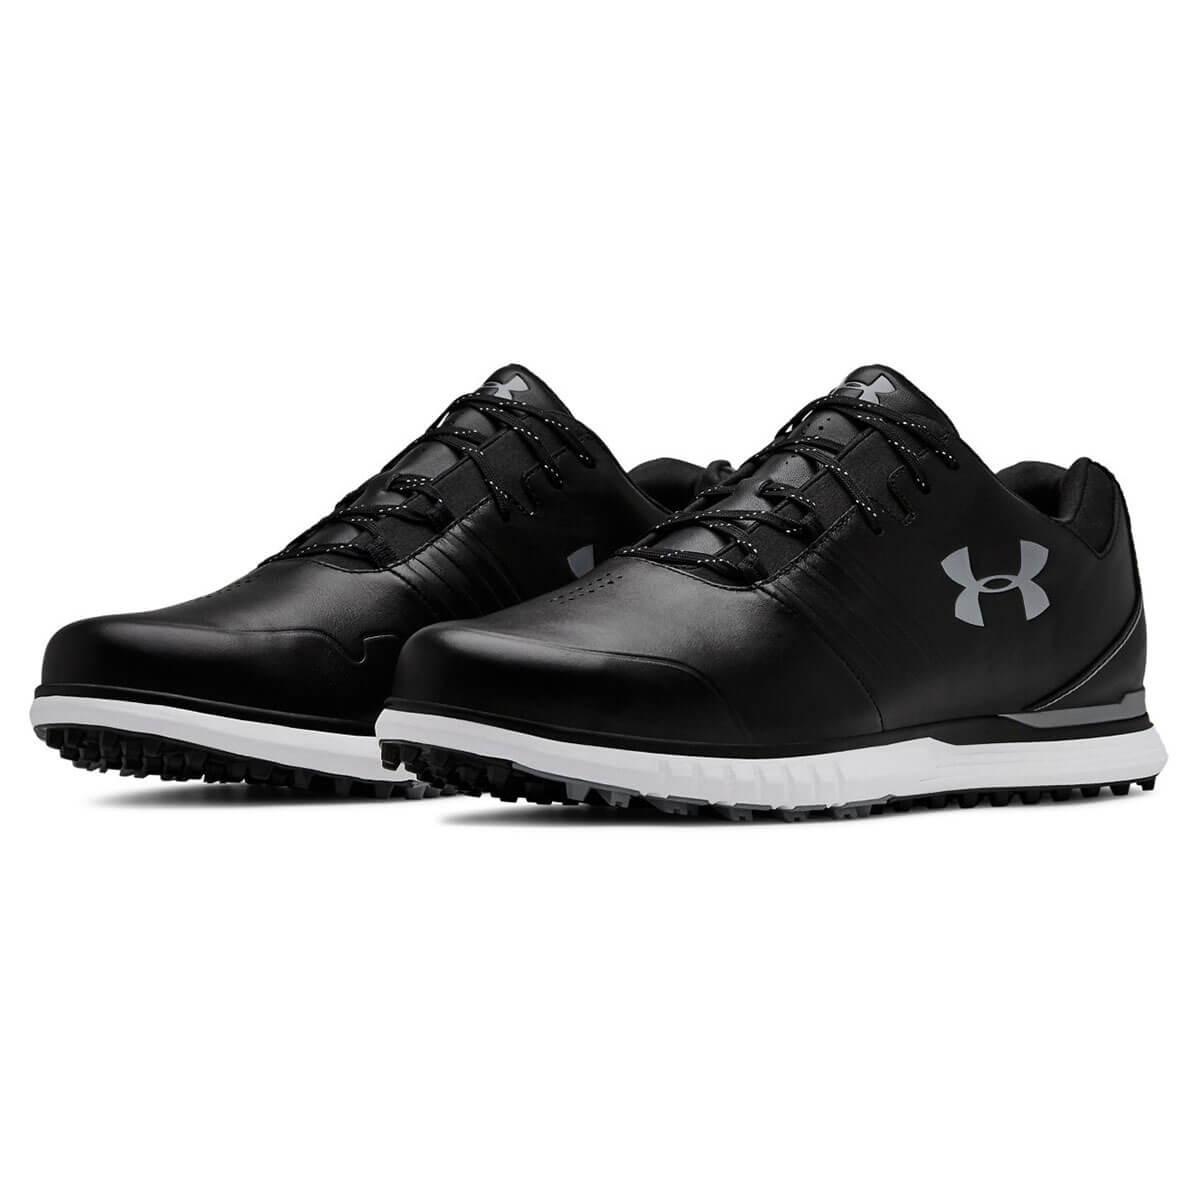 19b051a5 Under Armour Mens 2019 UA Showdown SL E Spikeless Leather Golf Shoes